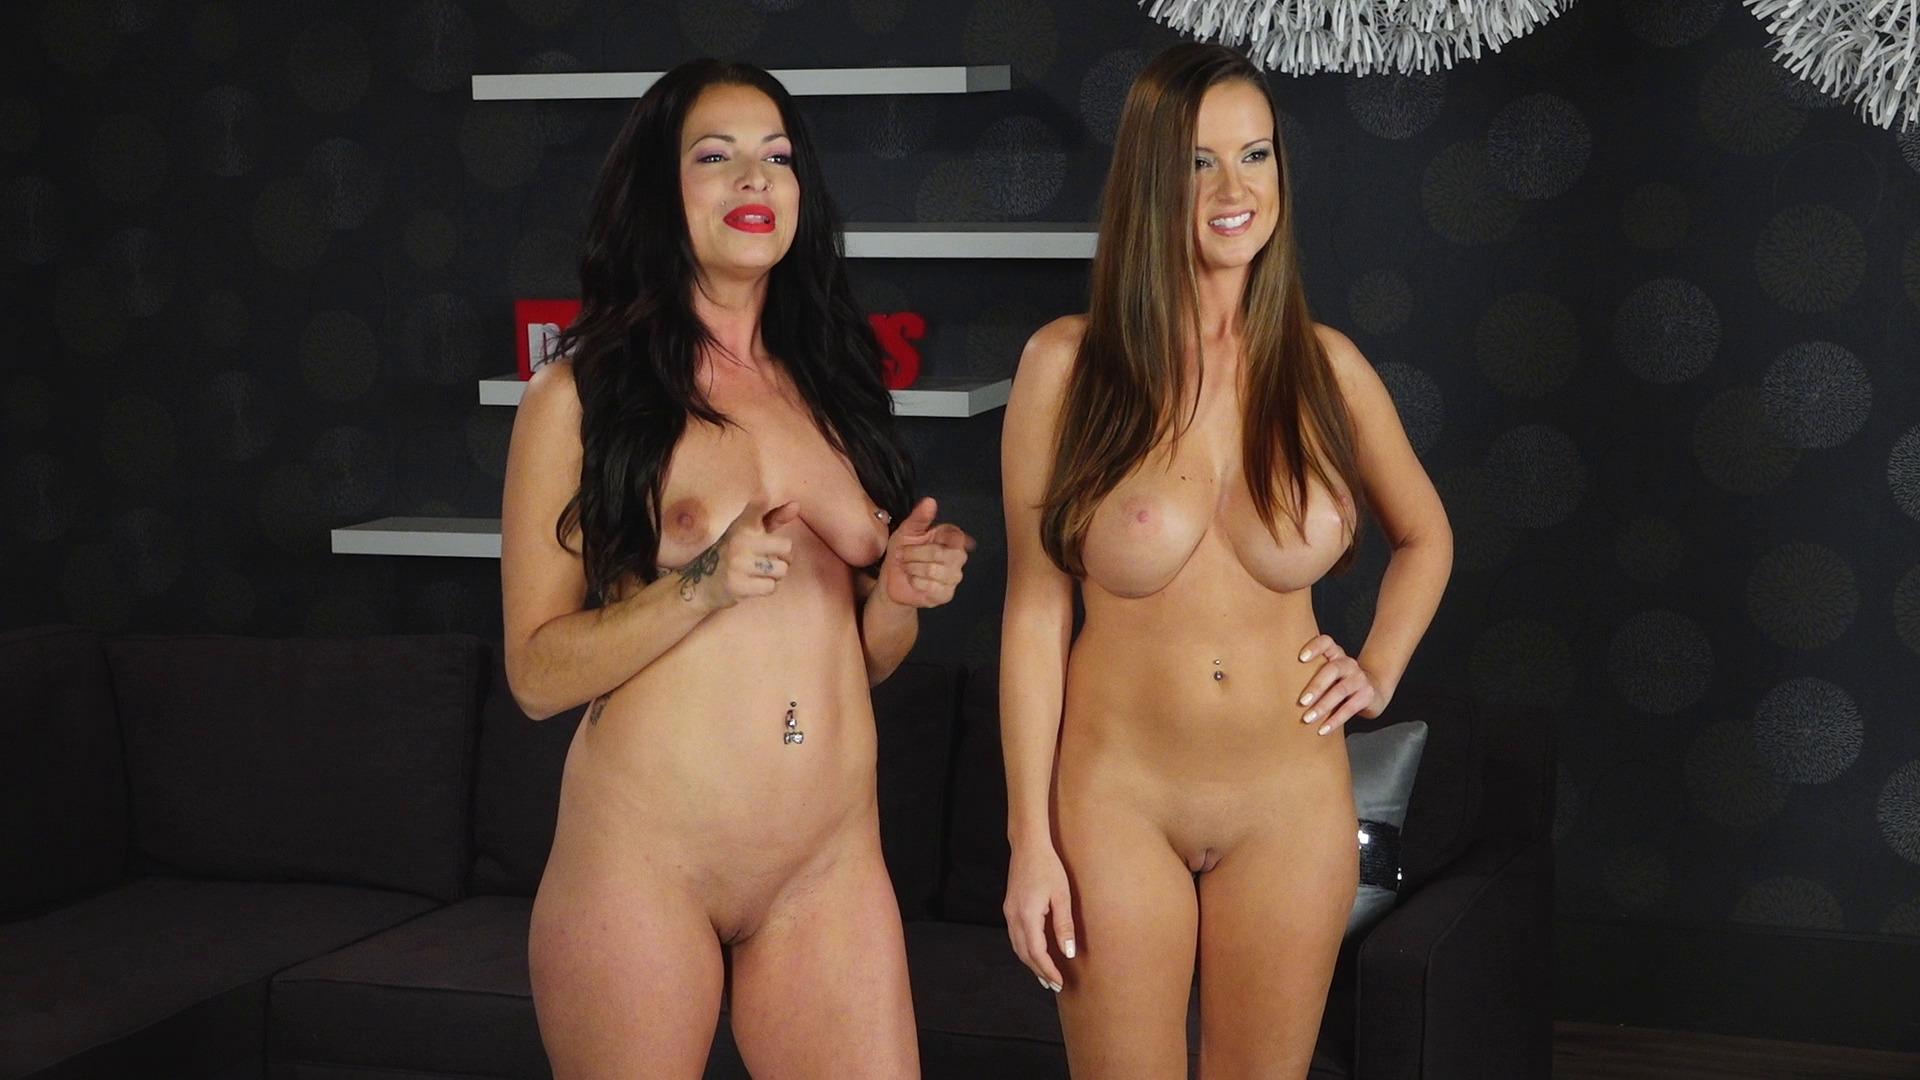 Madison nude club